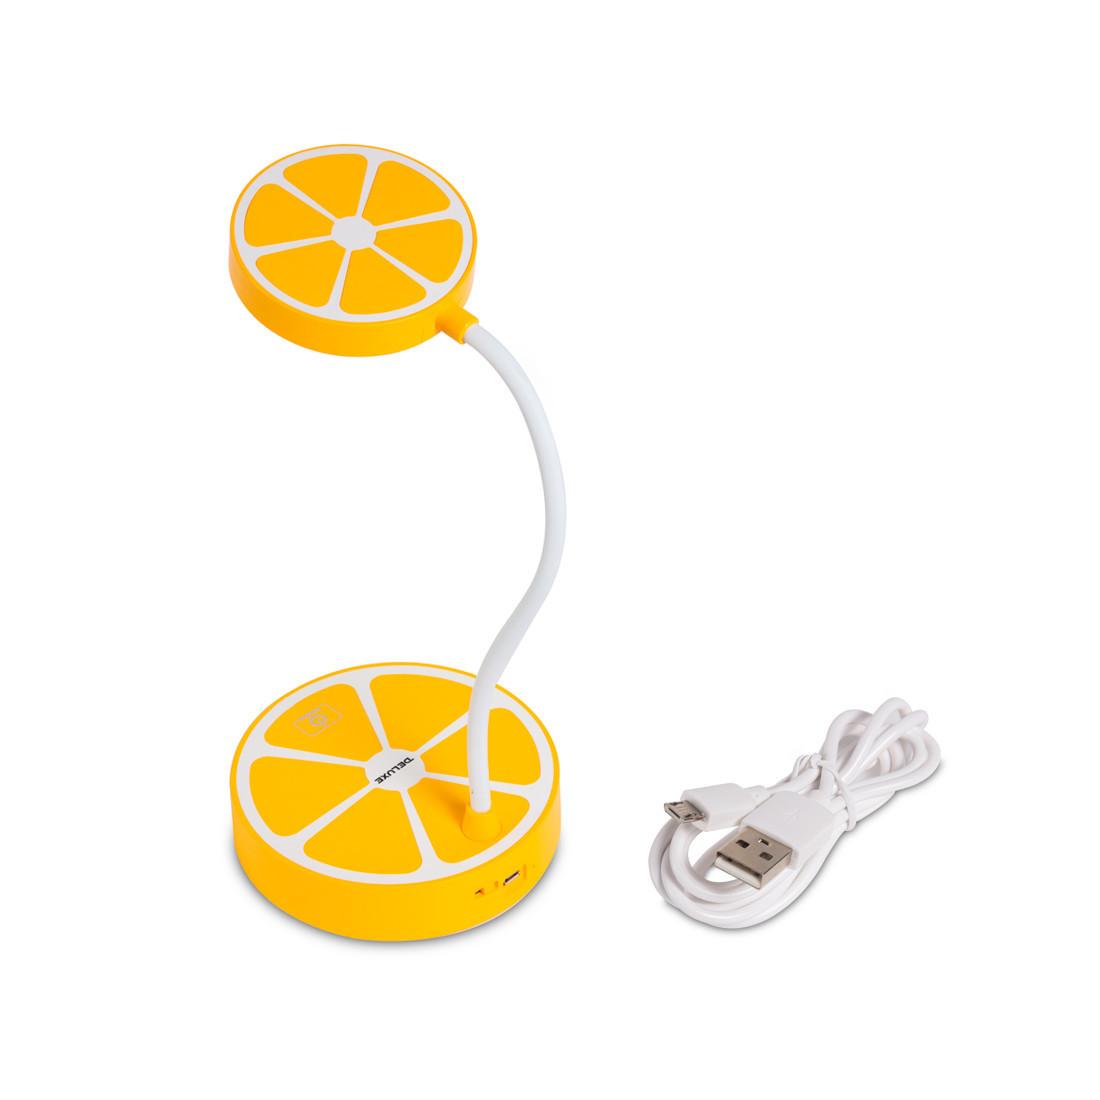 Лампа настольная светодиодная (LED) Deluxe Paradisi-Y, Регулировка яркости: 3 степени яркости, Цветовая темпер